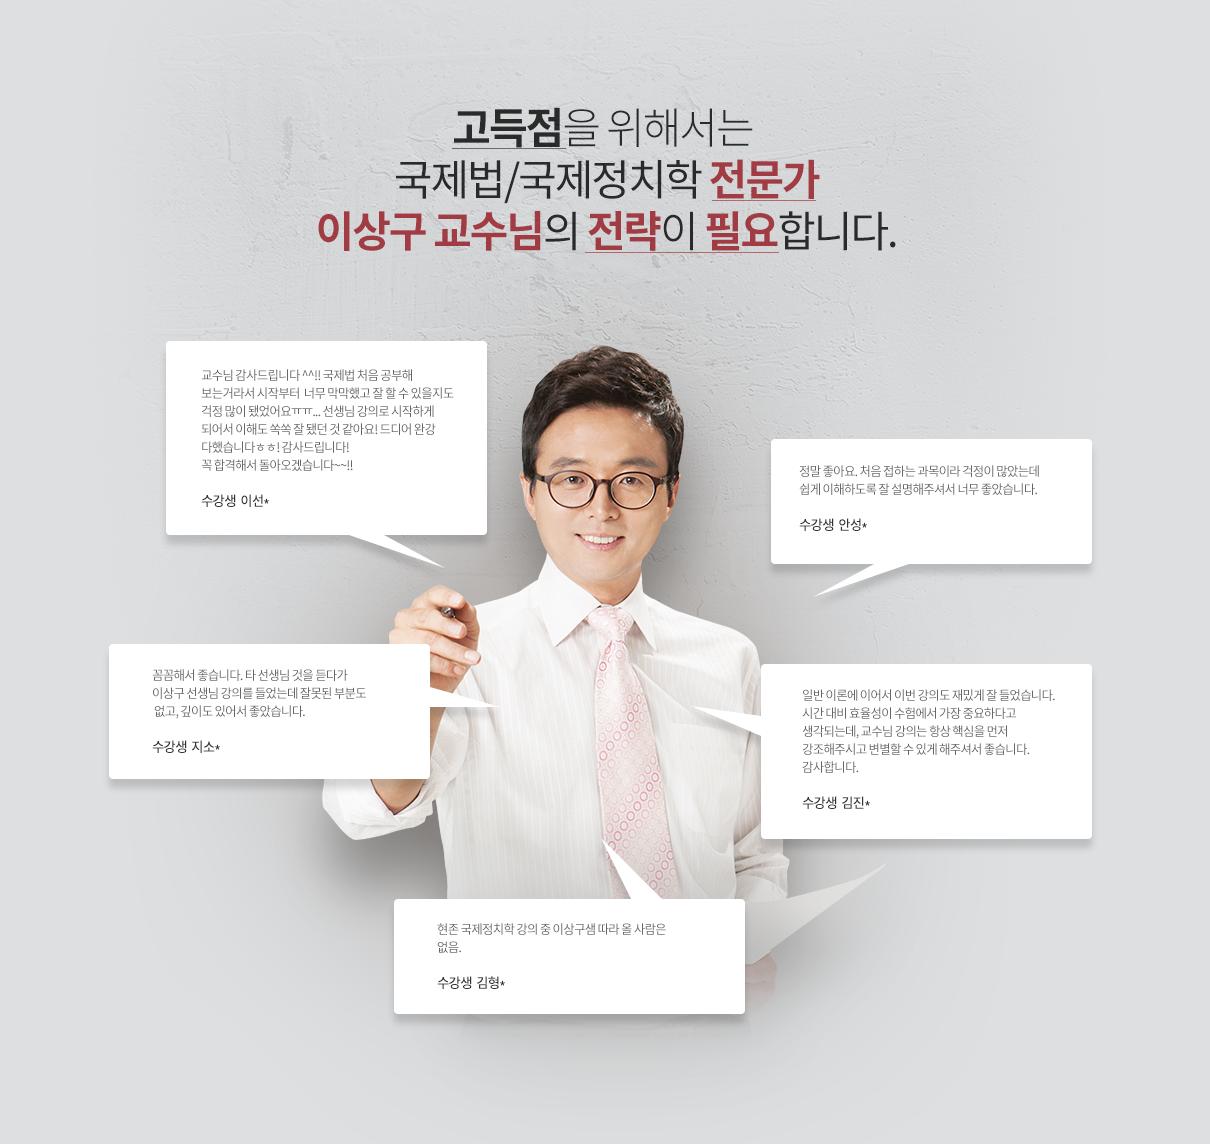 이상구 교수님의 전략 수강생평